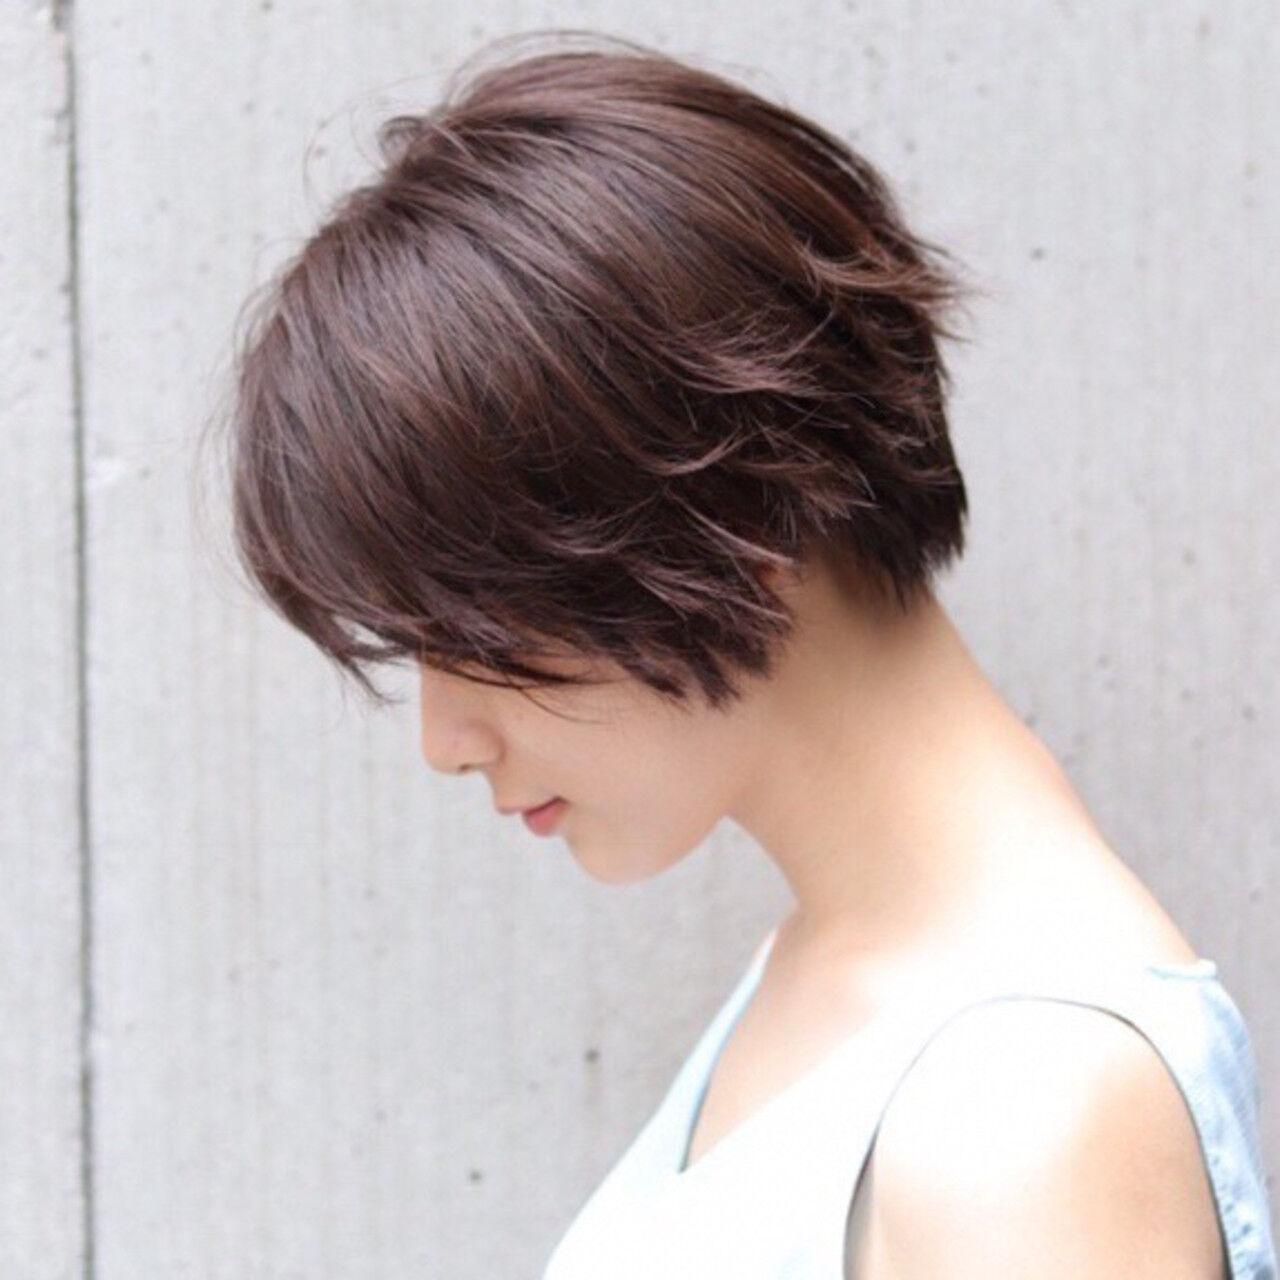 アンニュイほつれヘア デート ショートヘア ナチュラルヘアスタイルや髪型の写真・画像